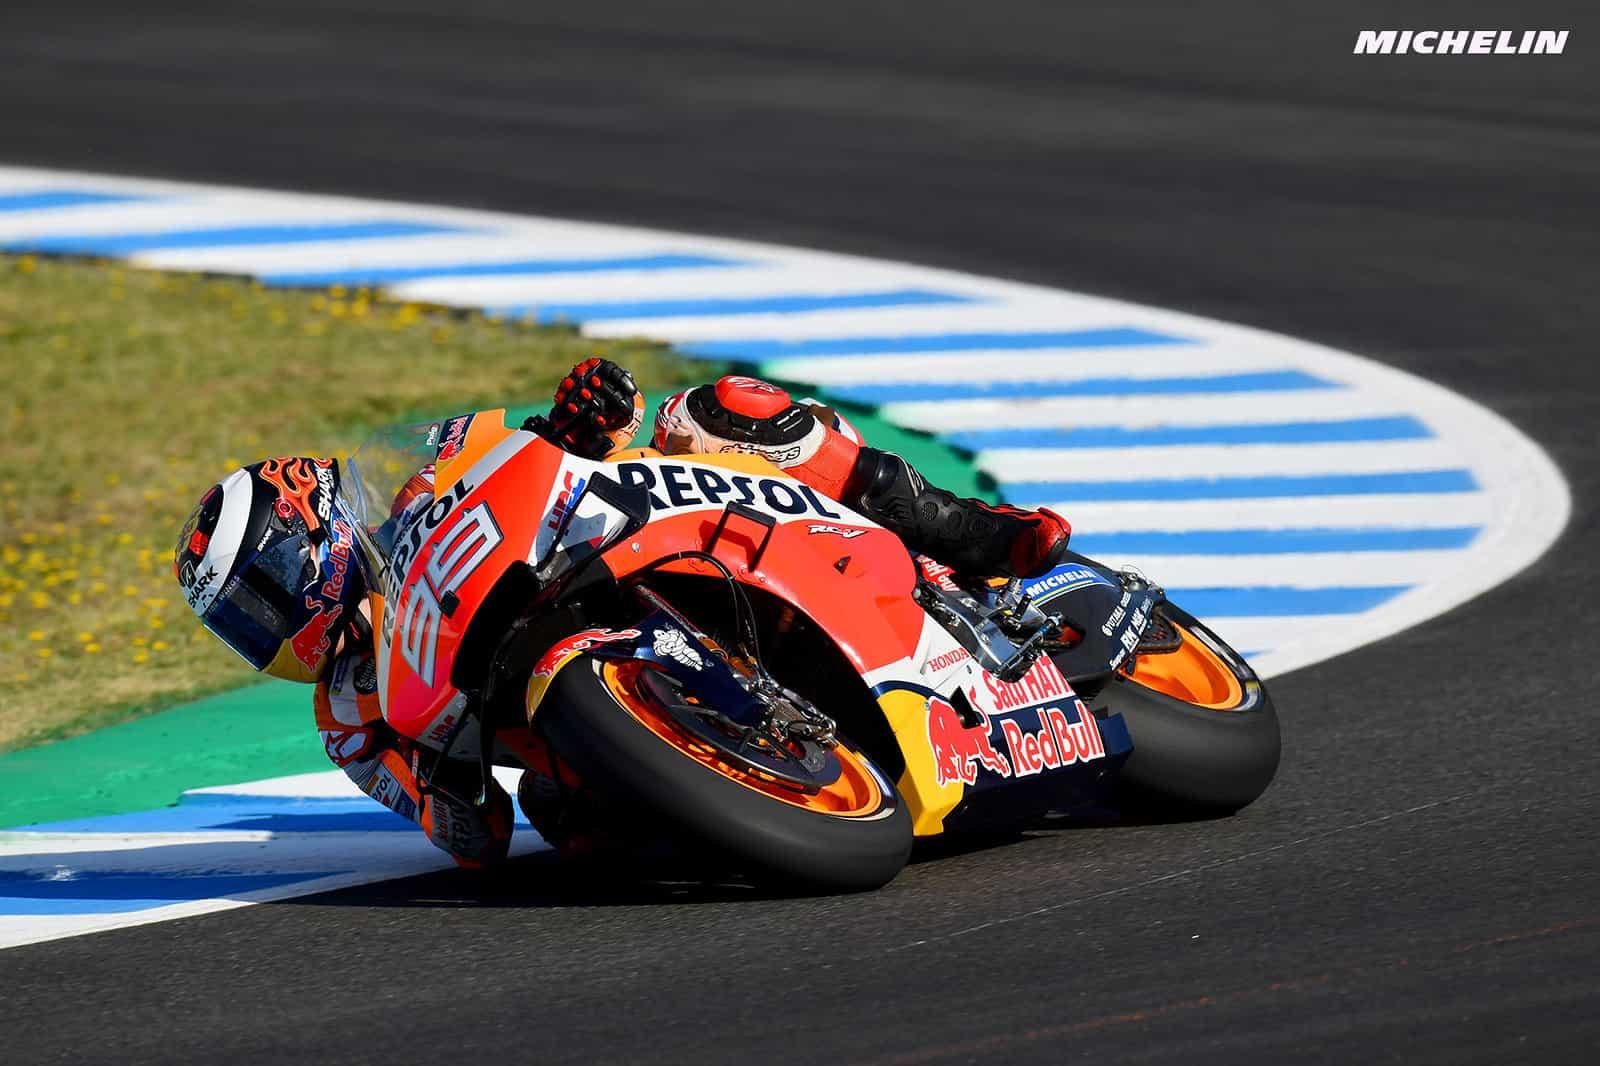 MotoGP2019フランスGP ロレンソ「ヘレステストでバイクの理解が深まった」